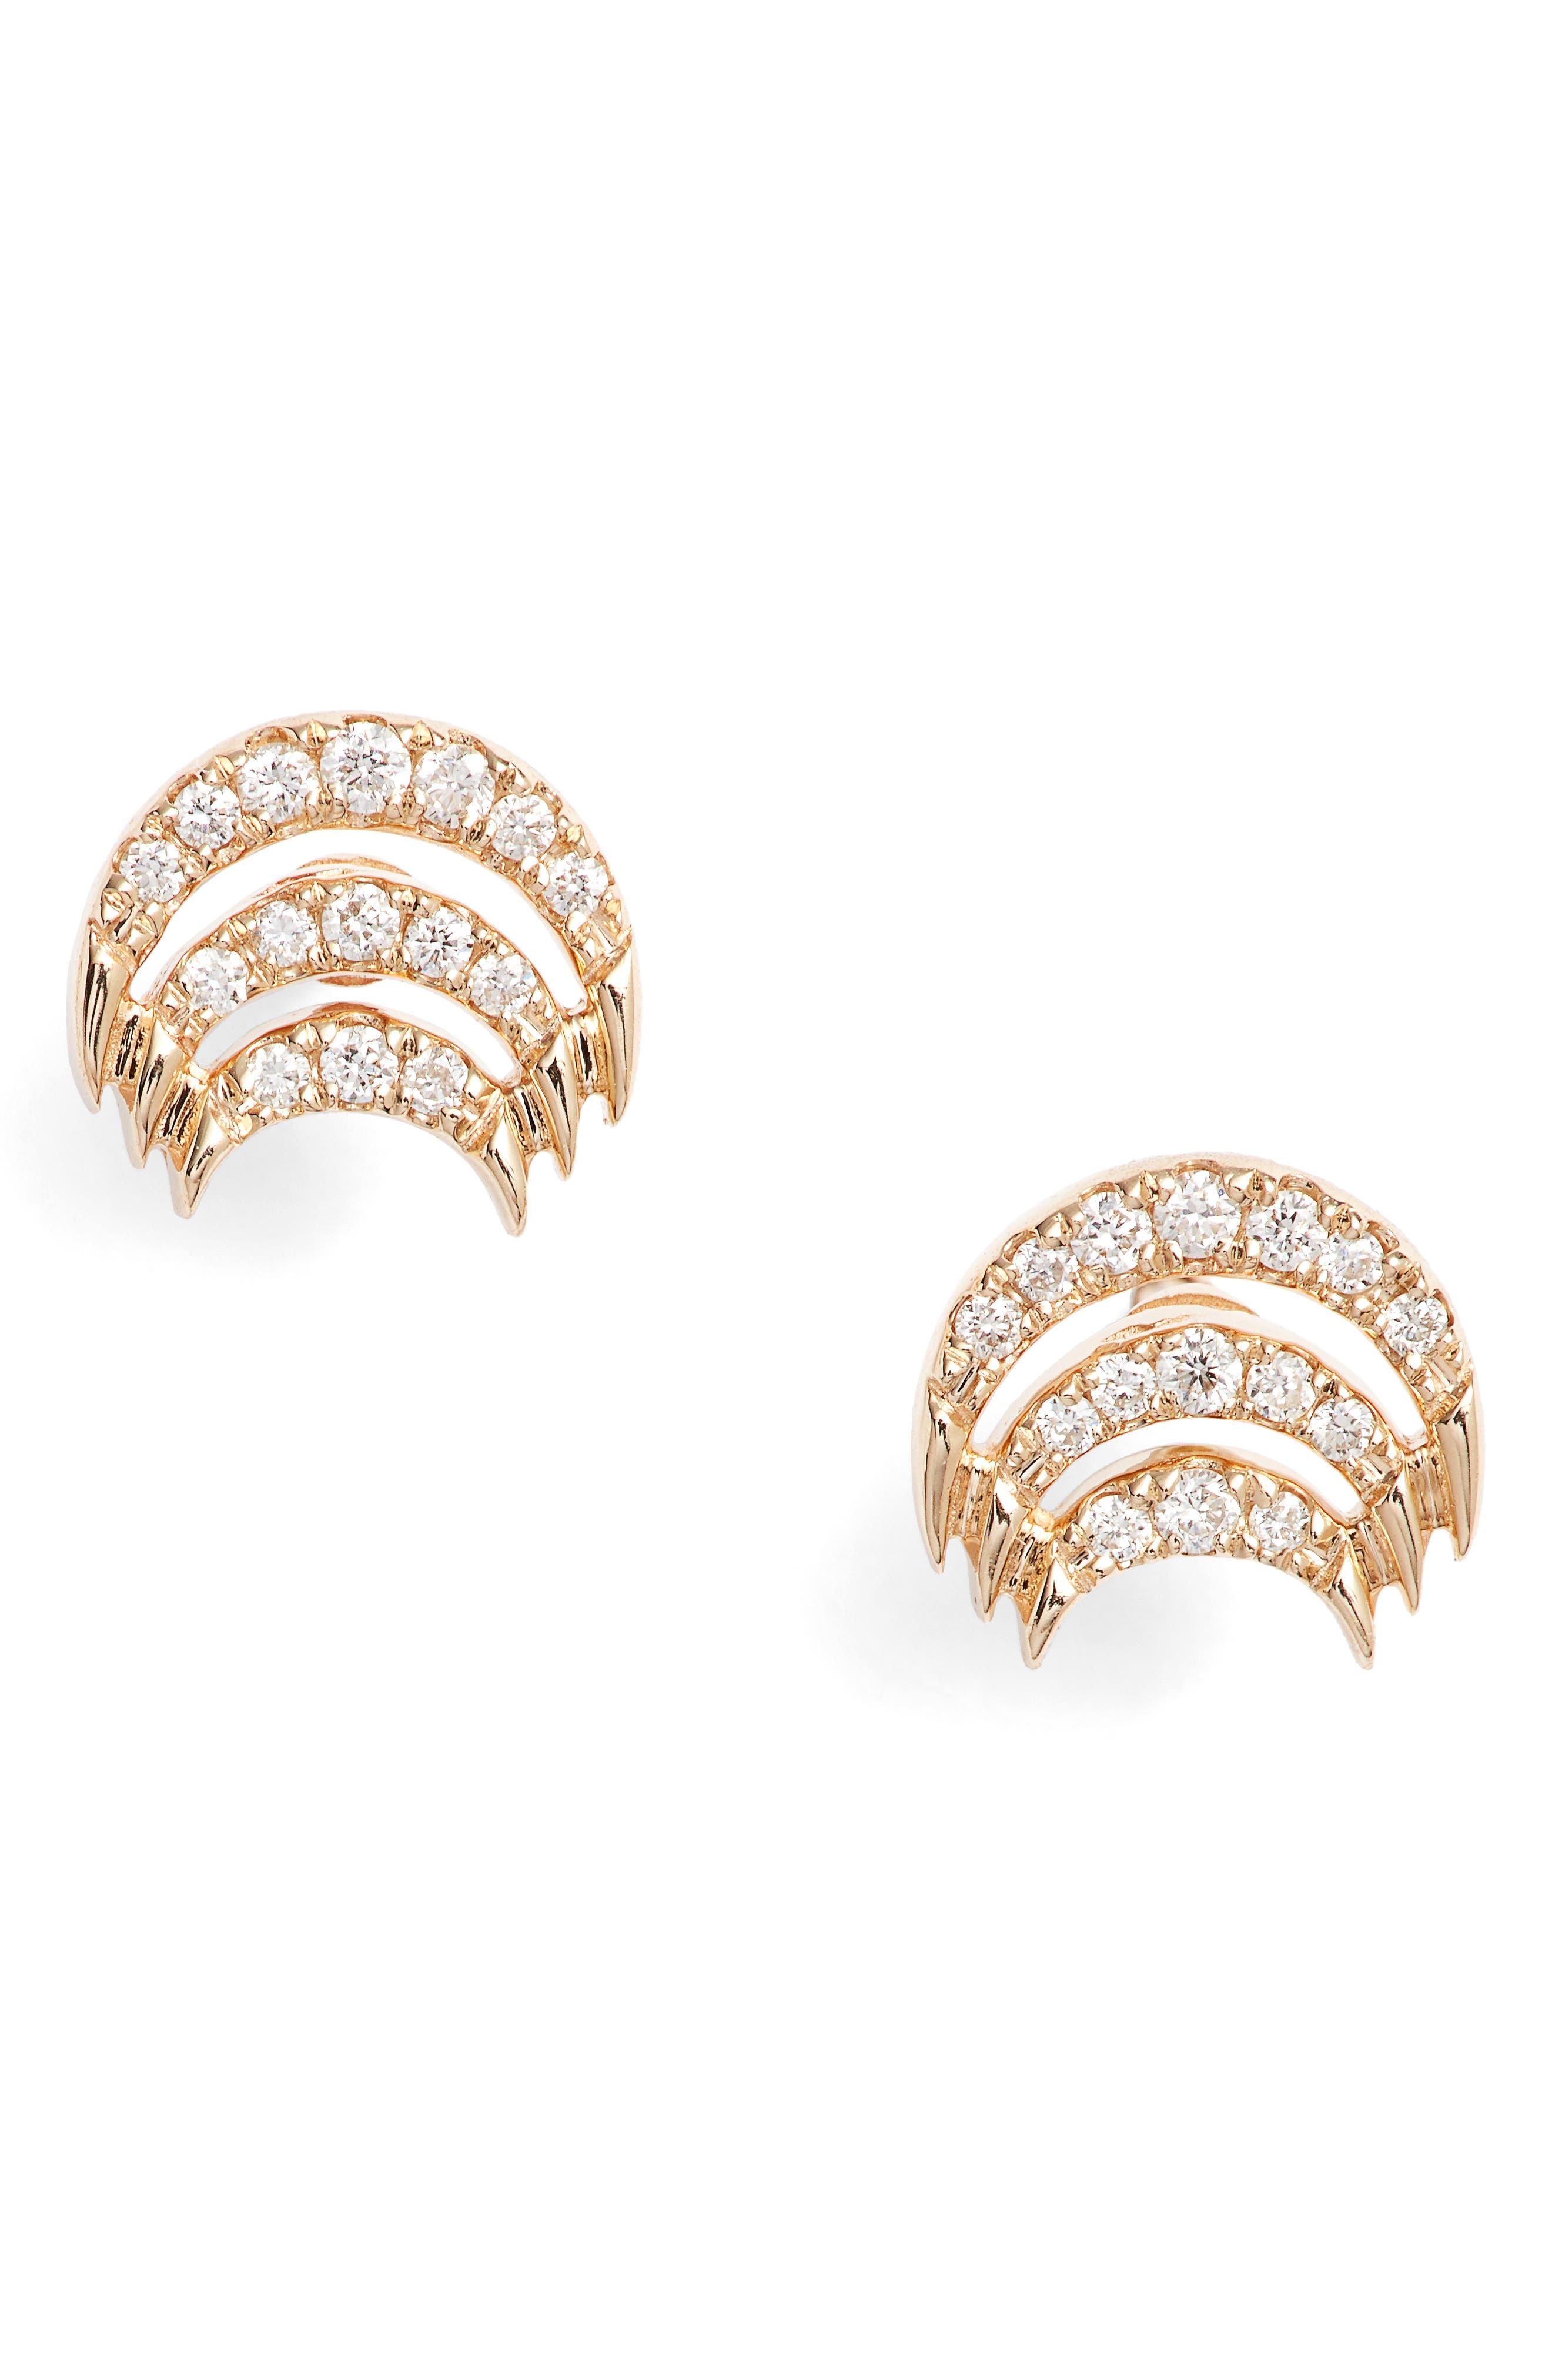 Isla Rio Diamond Stud Earrings,                             Main thumbnail 1, color,